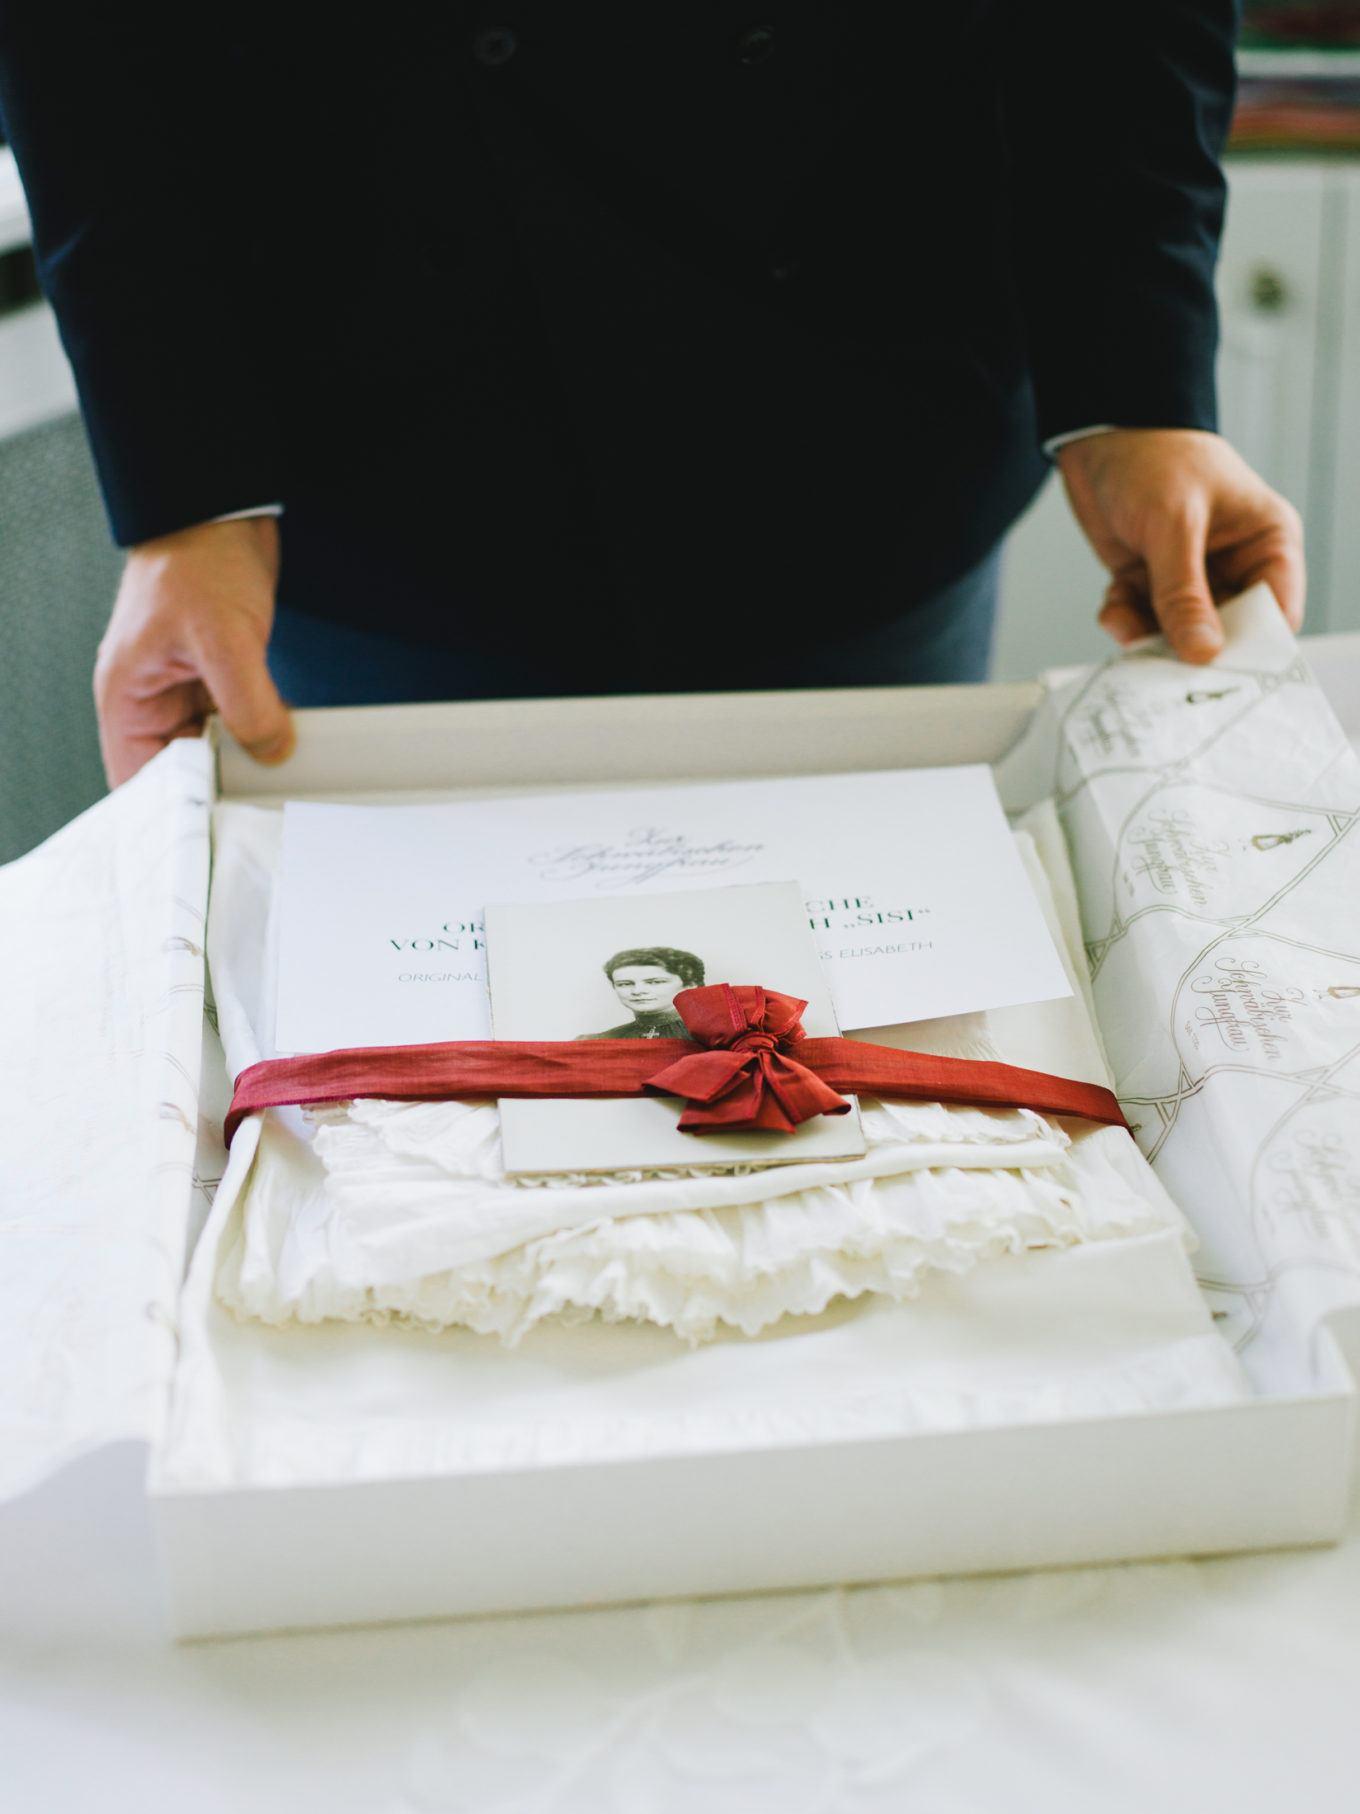 Zur Schwäbischen Jungfrau Verpackung